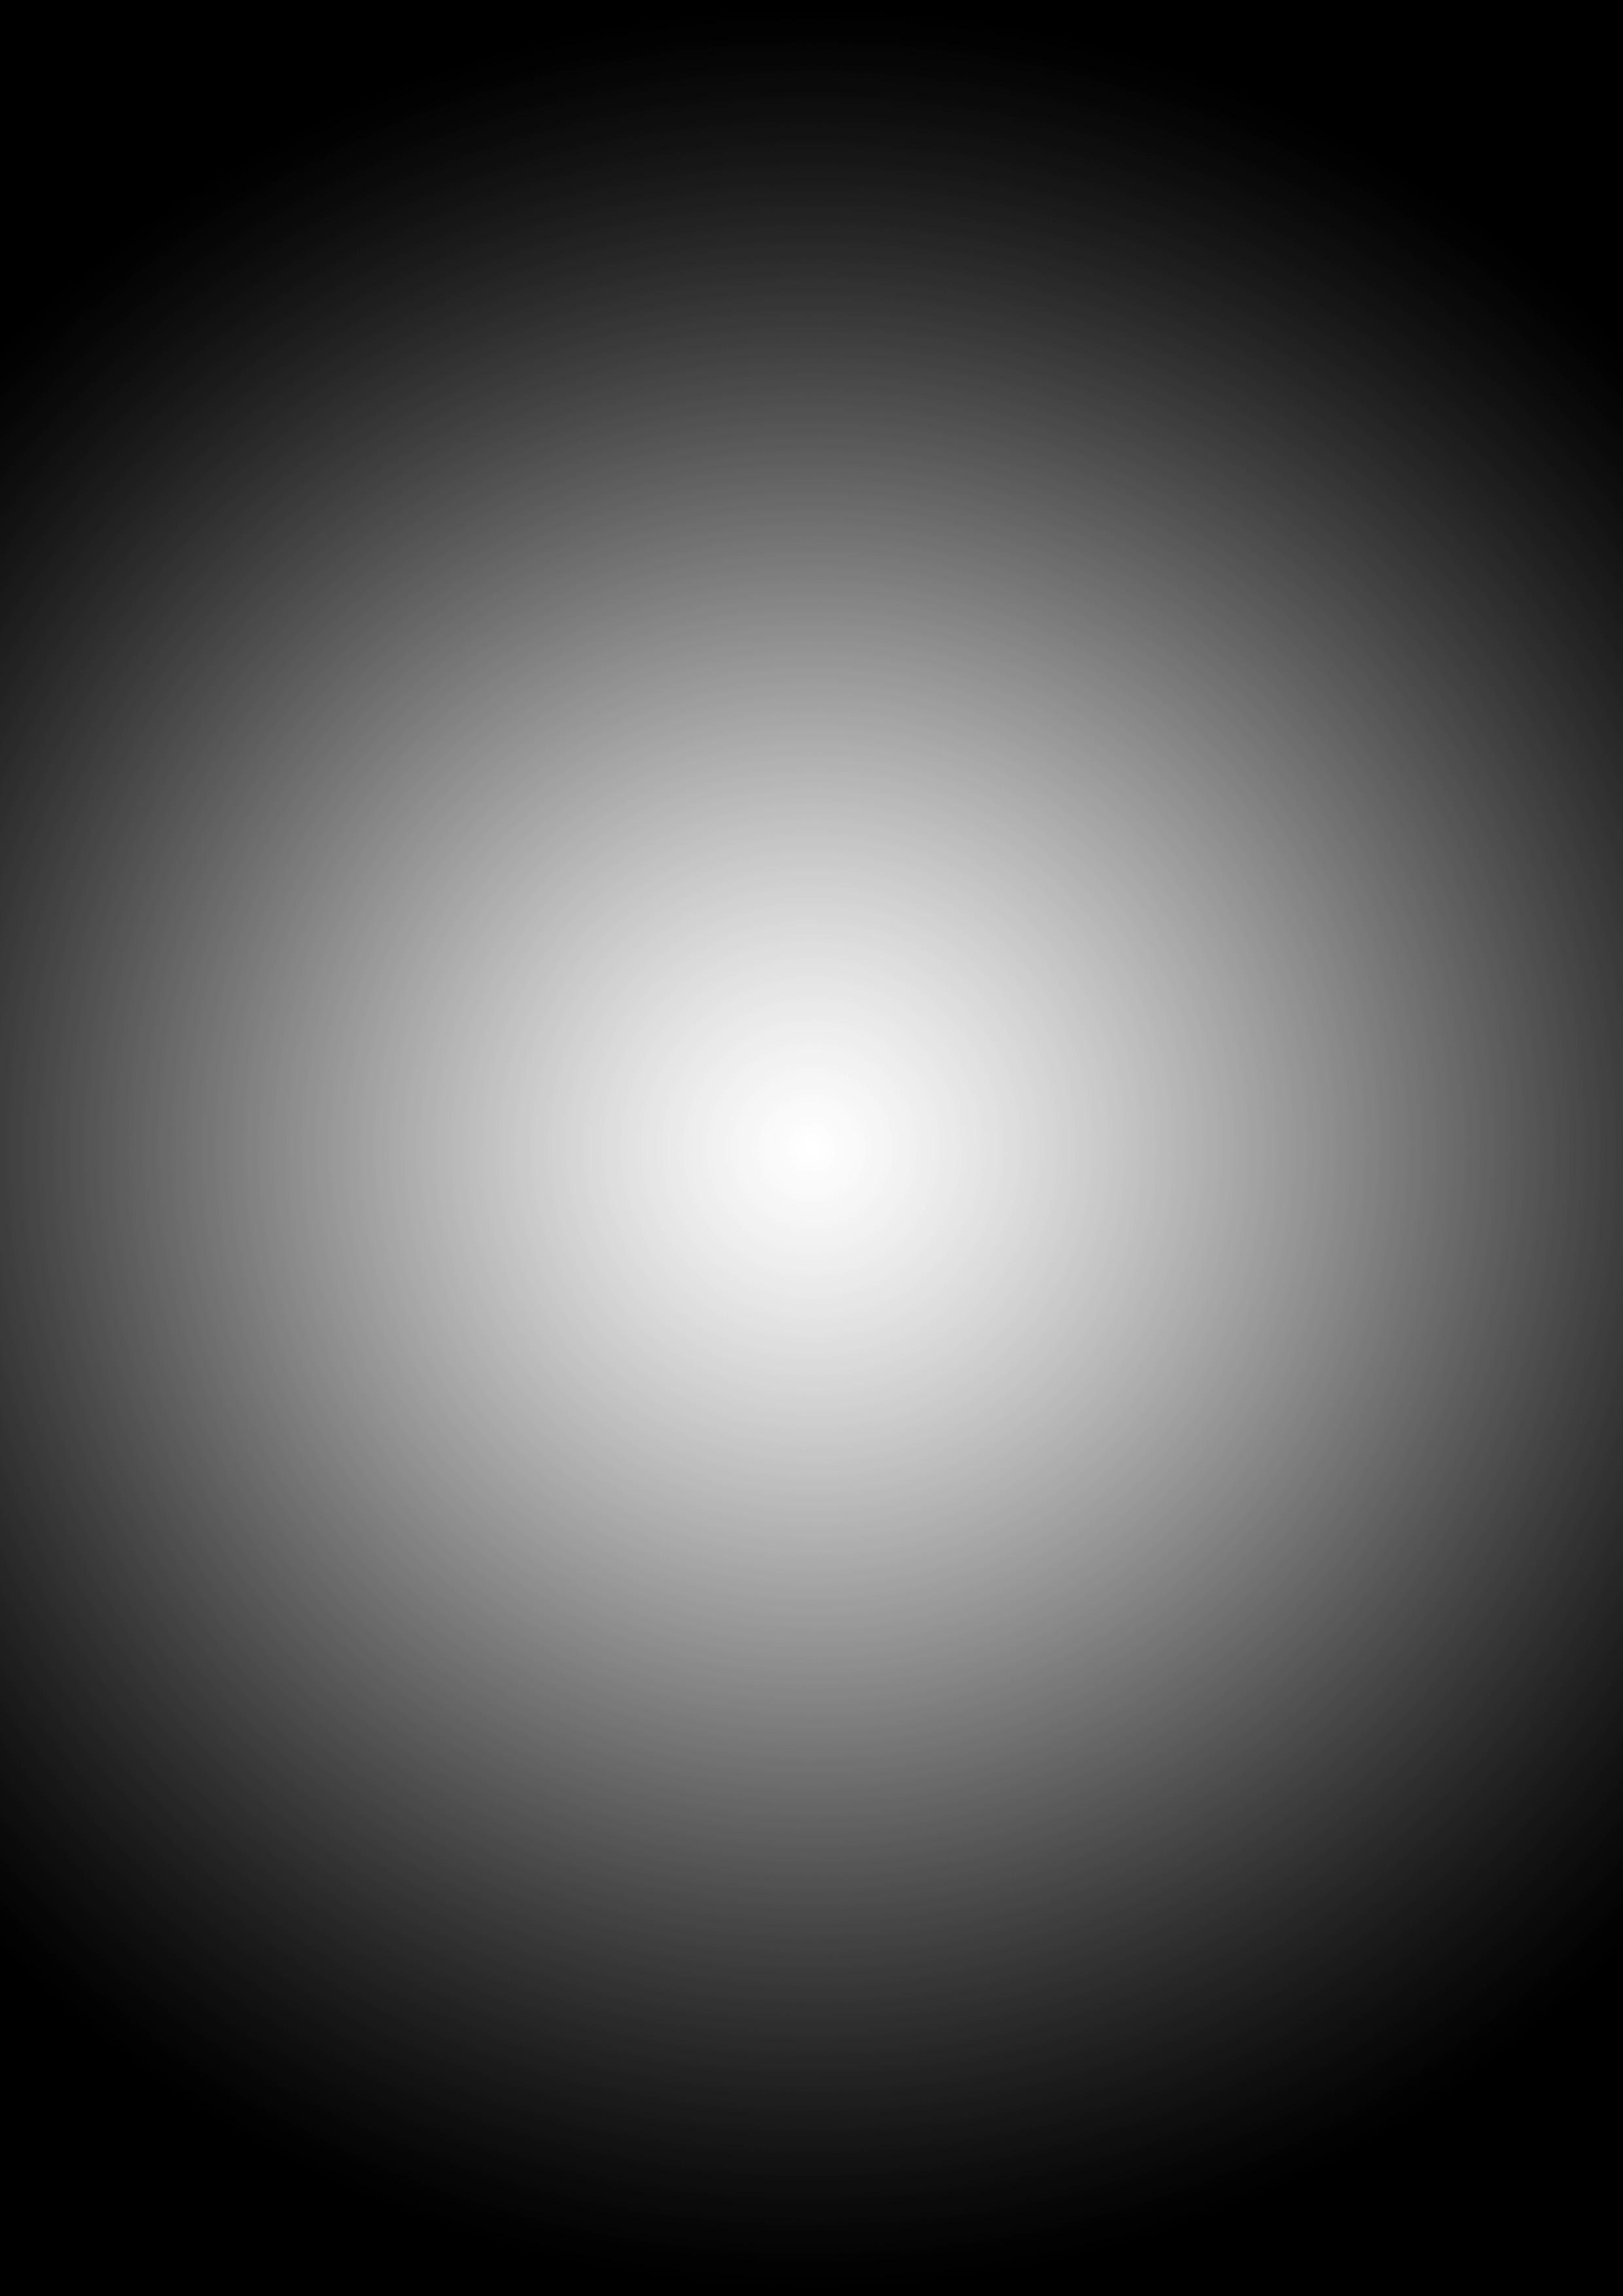 Index of /~woljo/photoshop/extra/1. - 382.6KB